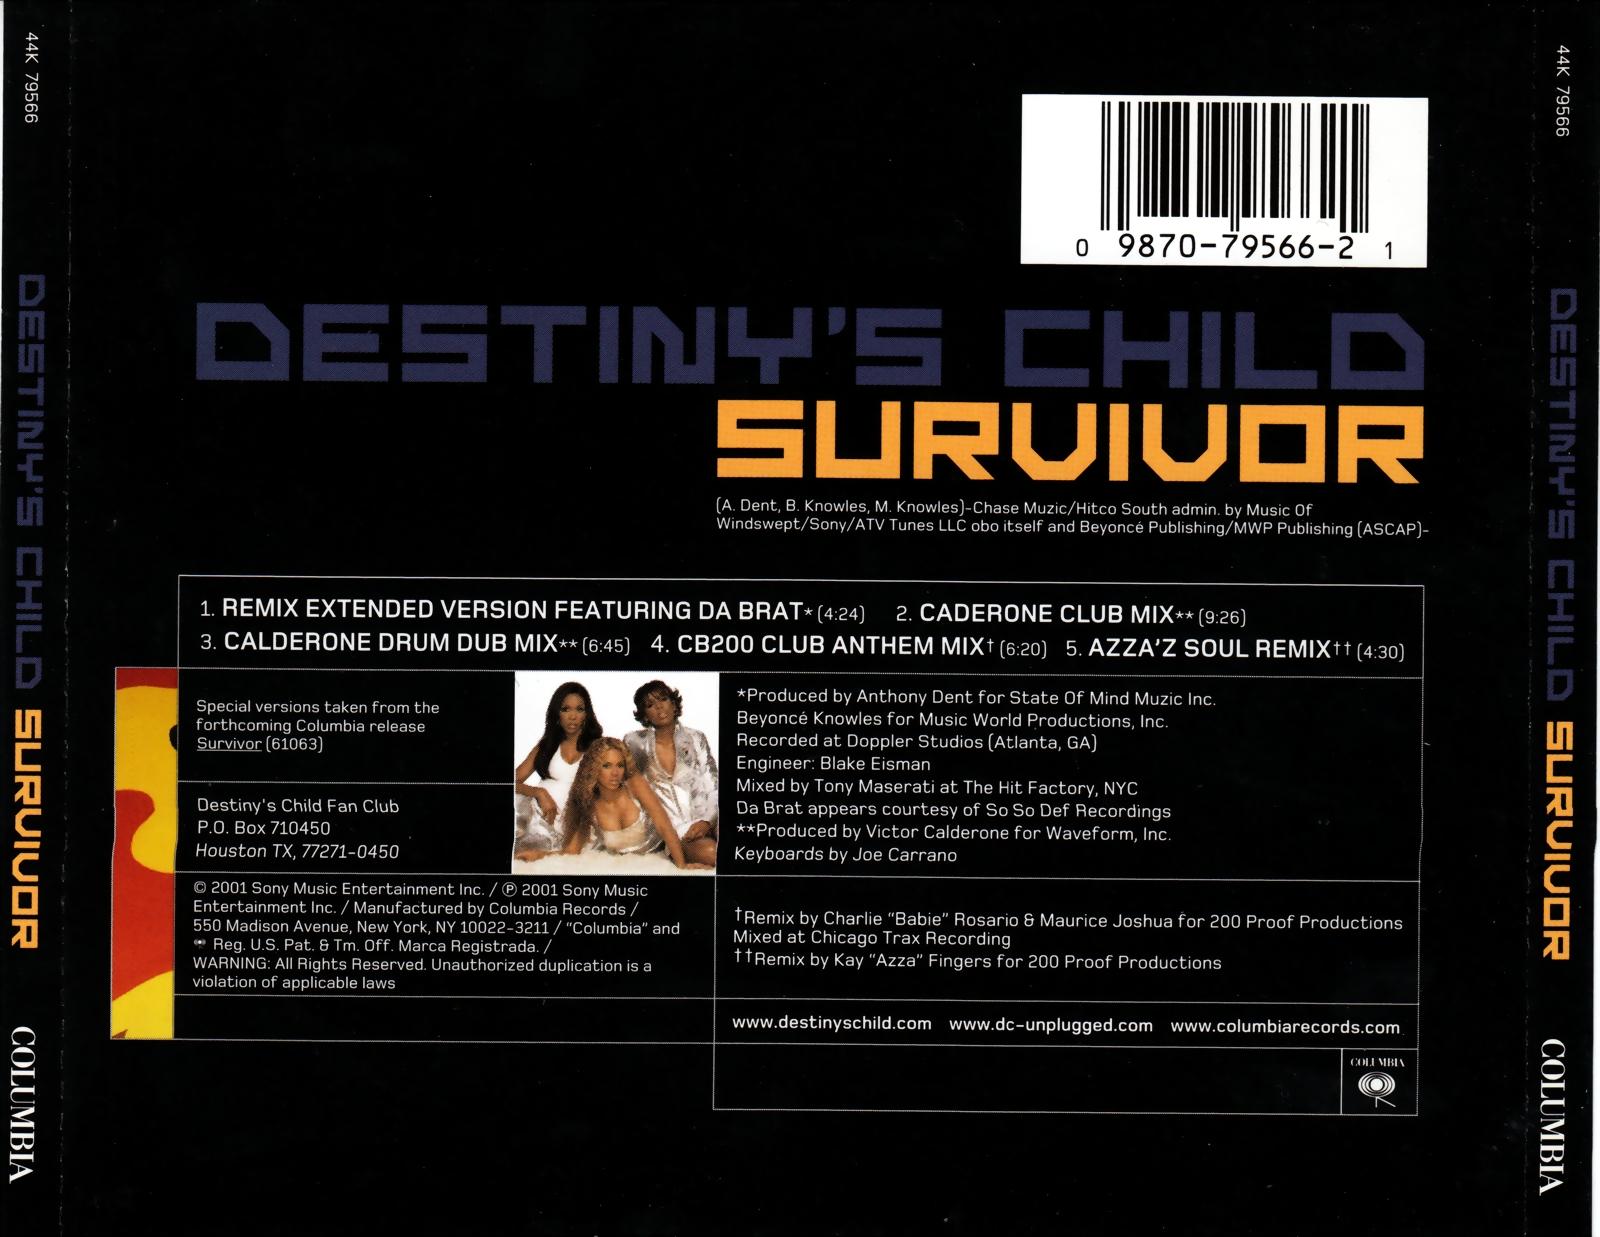 http://4.bp.blogspot.com/-M2JESr7N-40/T3qakBHTU5I/AAAAAAAAIdw/8oan1dXaGeQ/s1600/00-Destinys_Child_Feat._Da_Brat-Survivor-%2528Dance_Mixes%2529-2001-%25282%2529-hlm.JPG